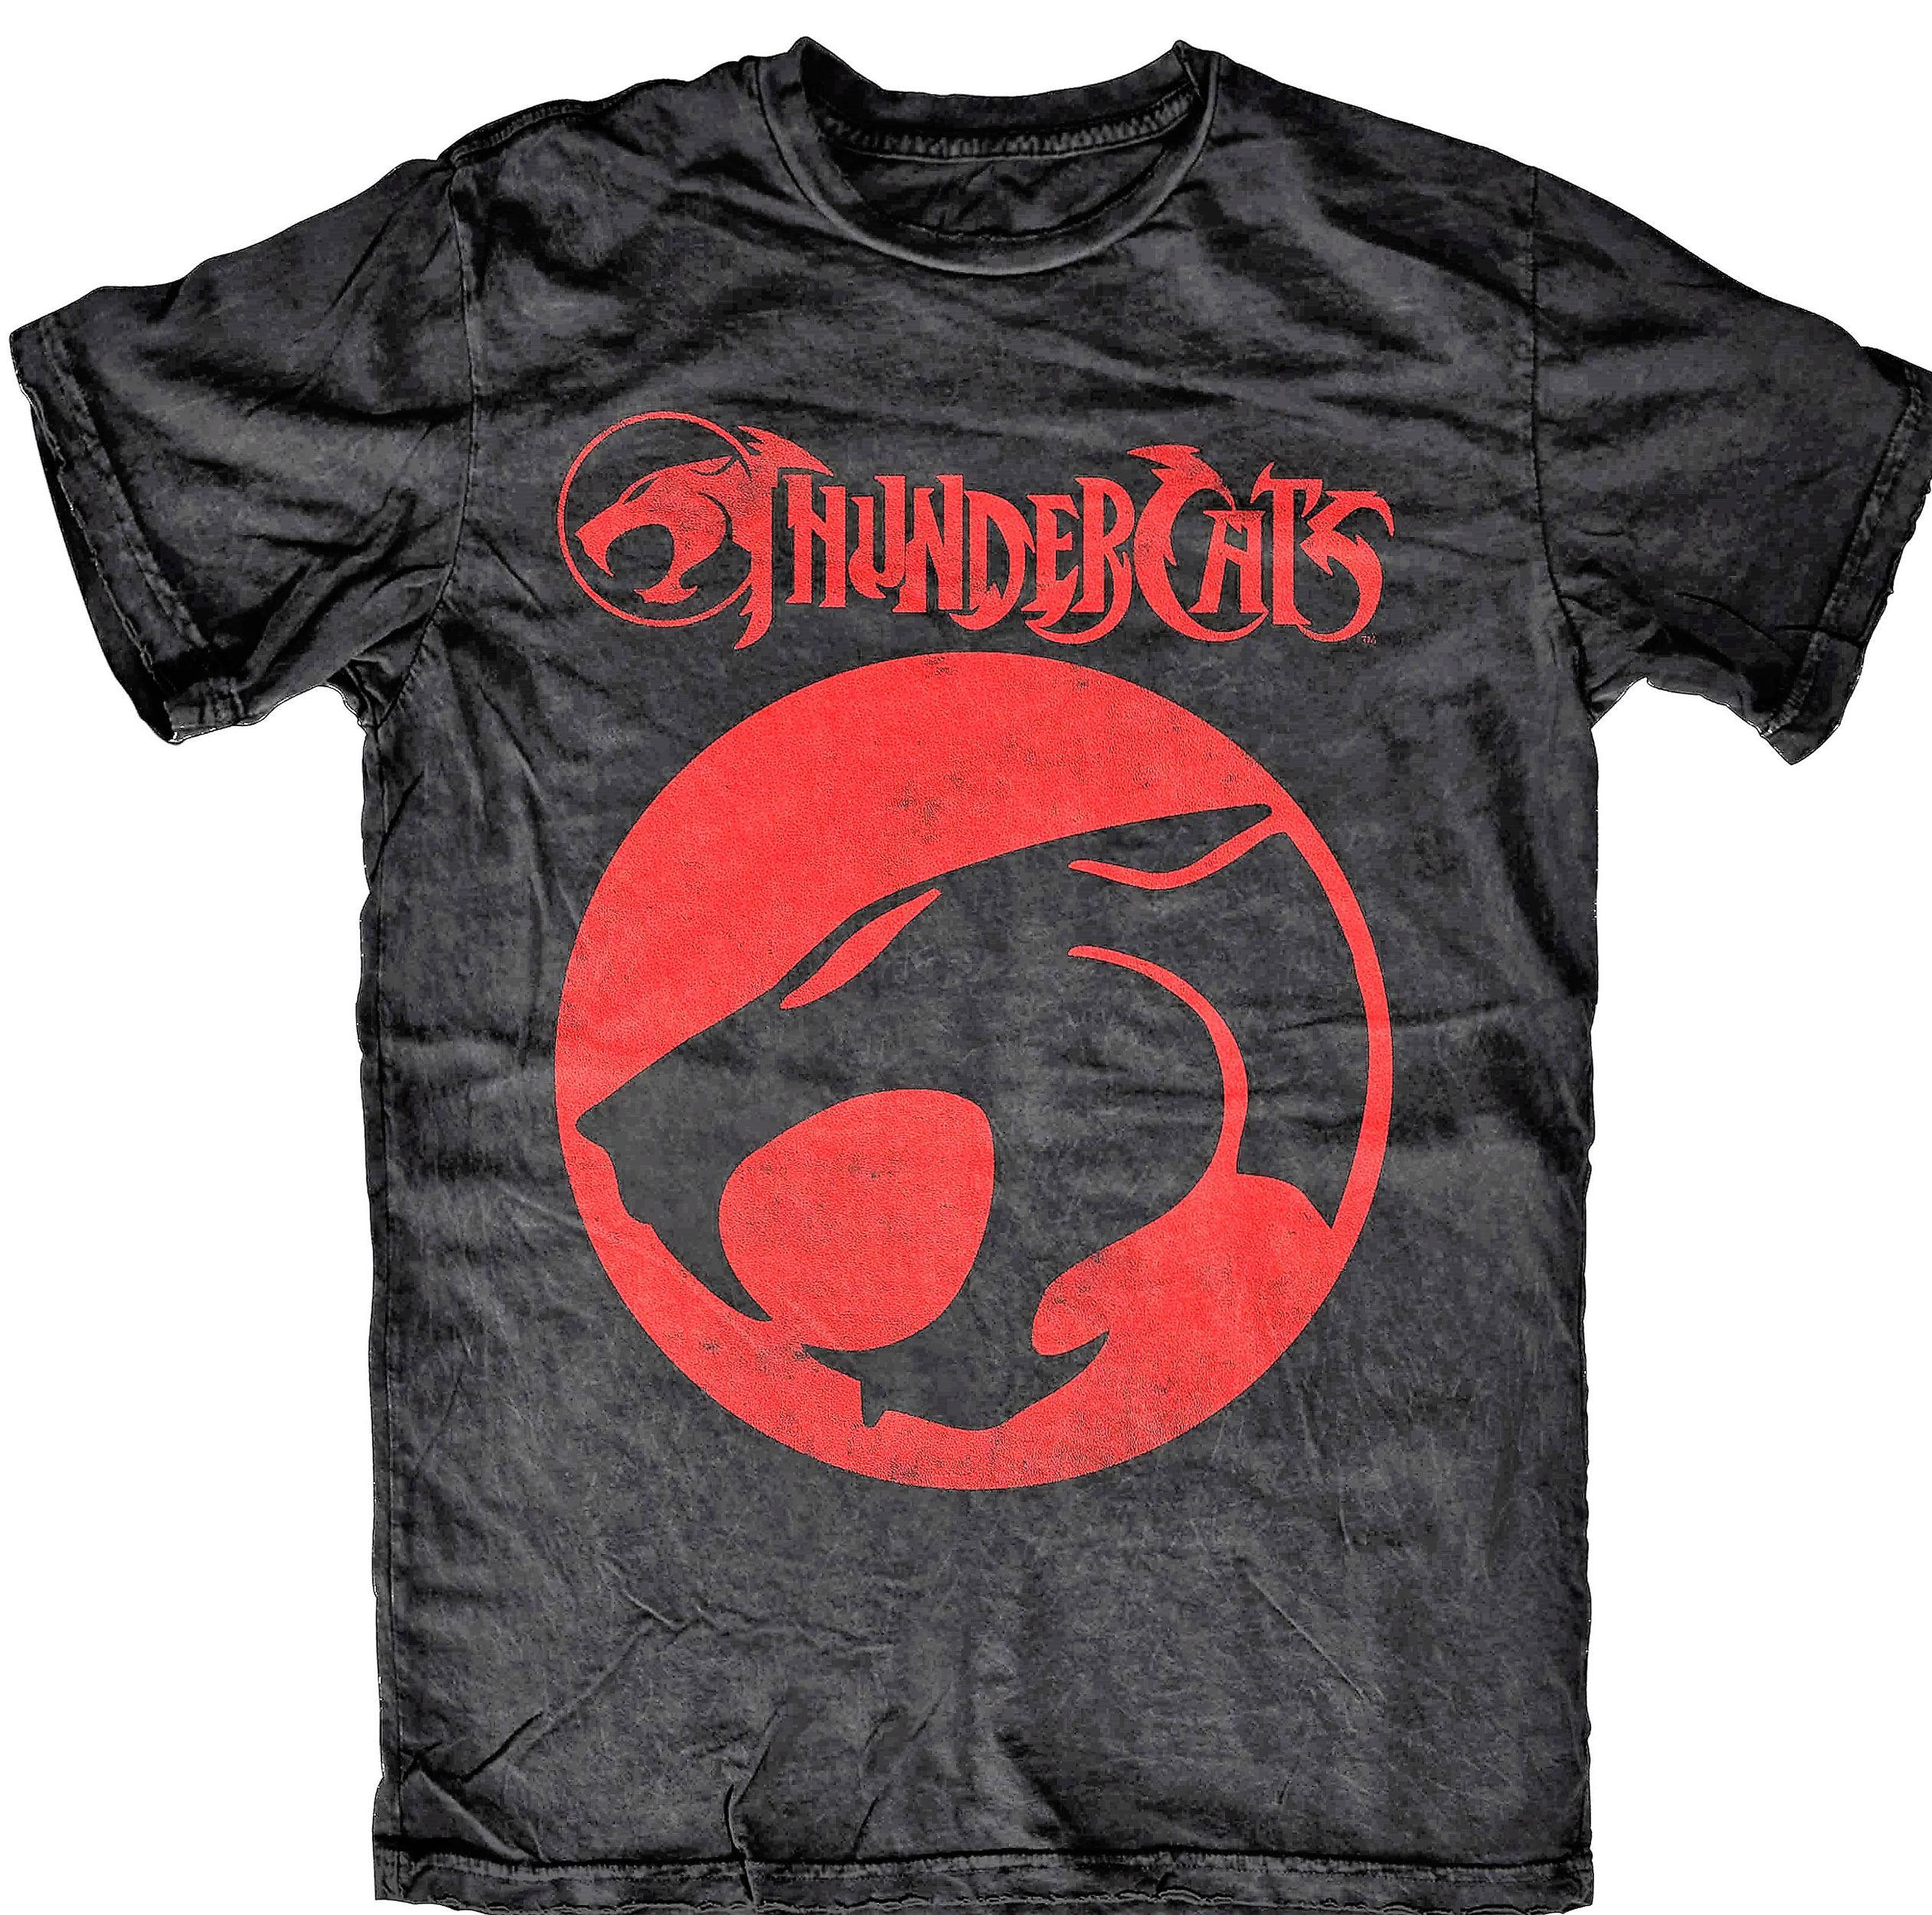 Thundercats T-Shirt Logo Size L